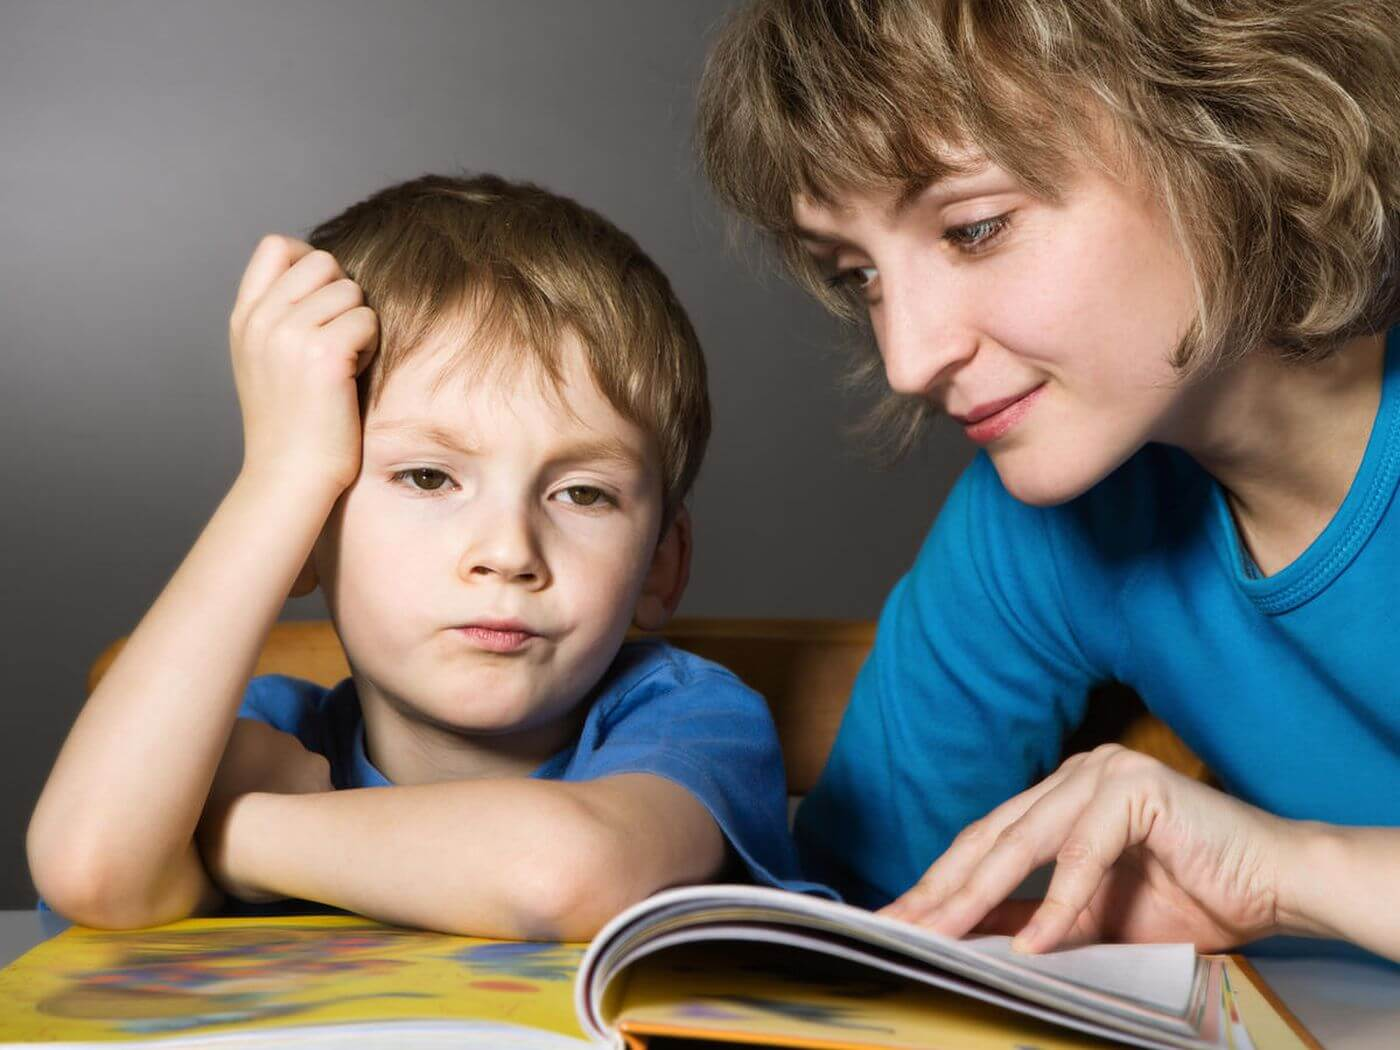 Co Zrobić GdyDziecko NieChce Uczyć Się Czytać GdyMa Problemy znauką czytania